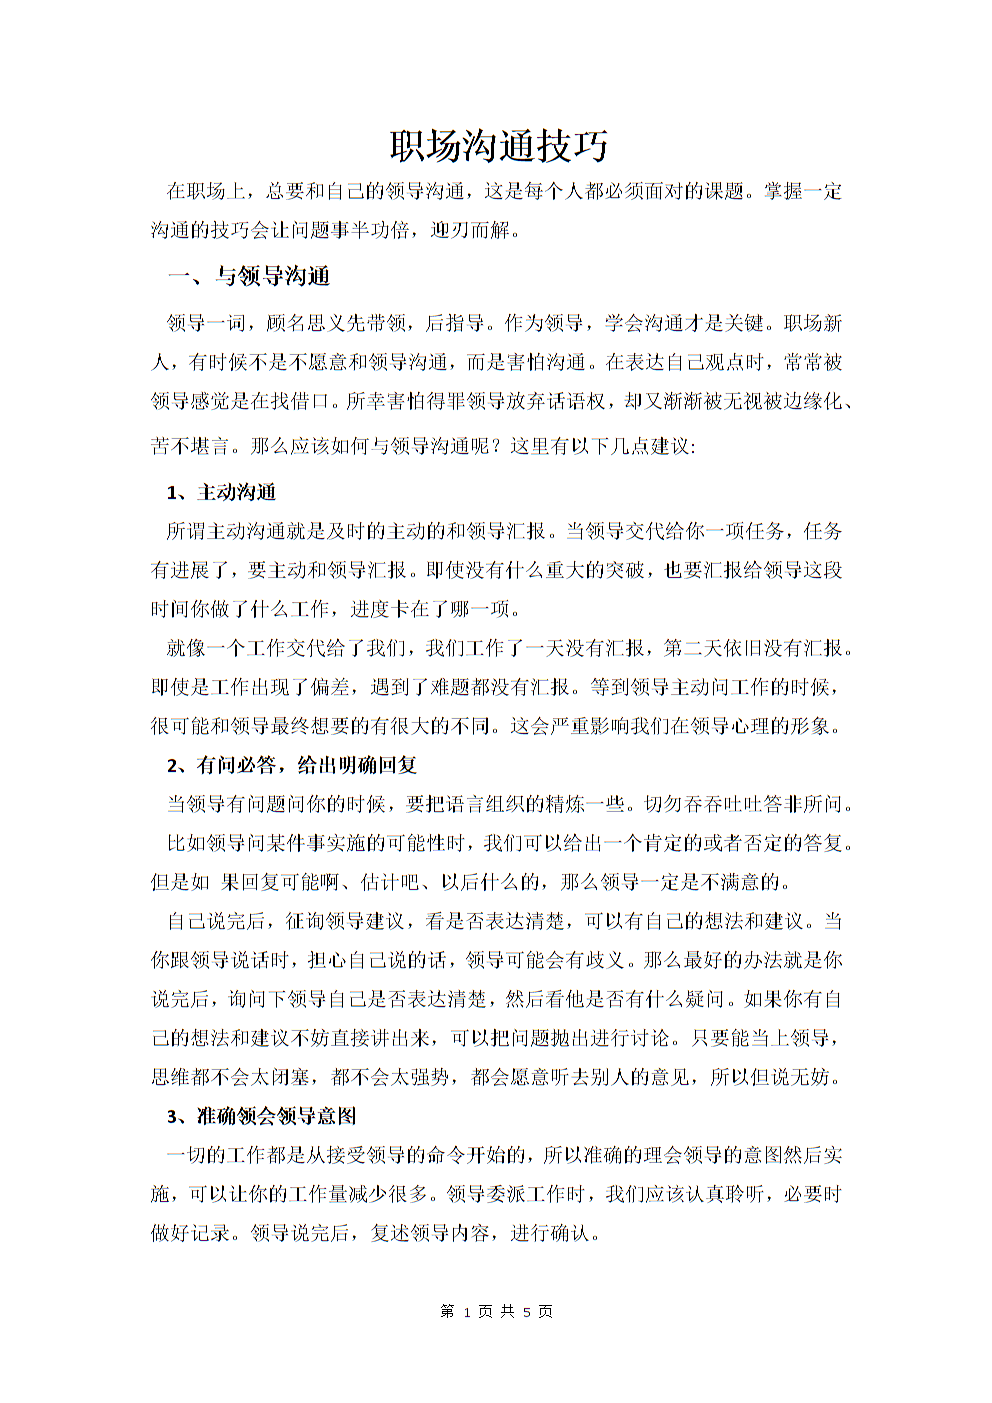 职场实用沟通技巧.docx